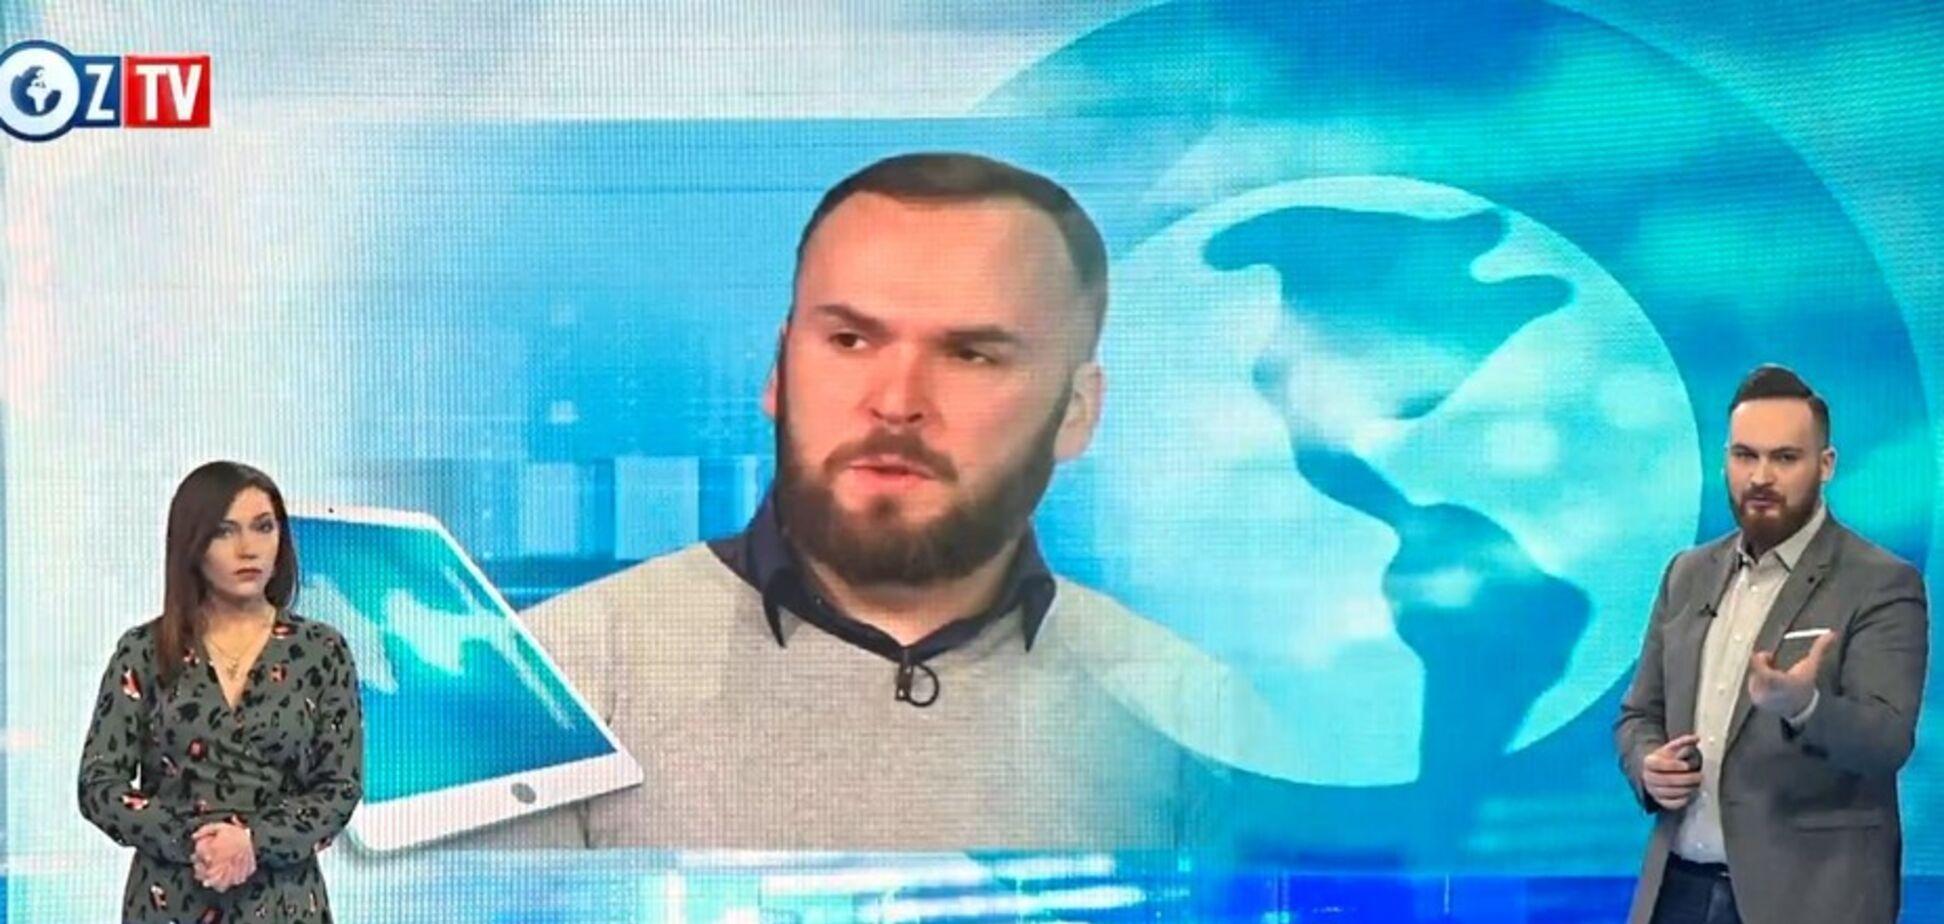 Заявление Зеленского о войне на Донбассе: эксперт объяснил, что будет происходить дальше